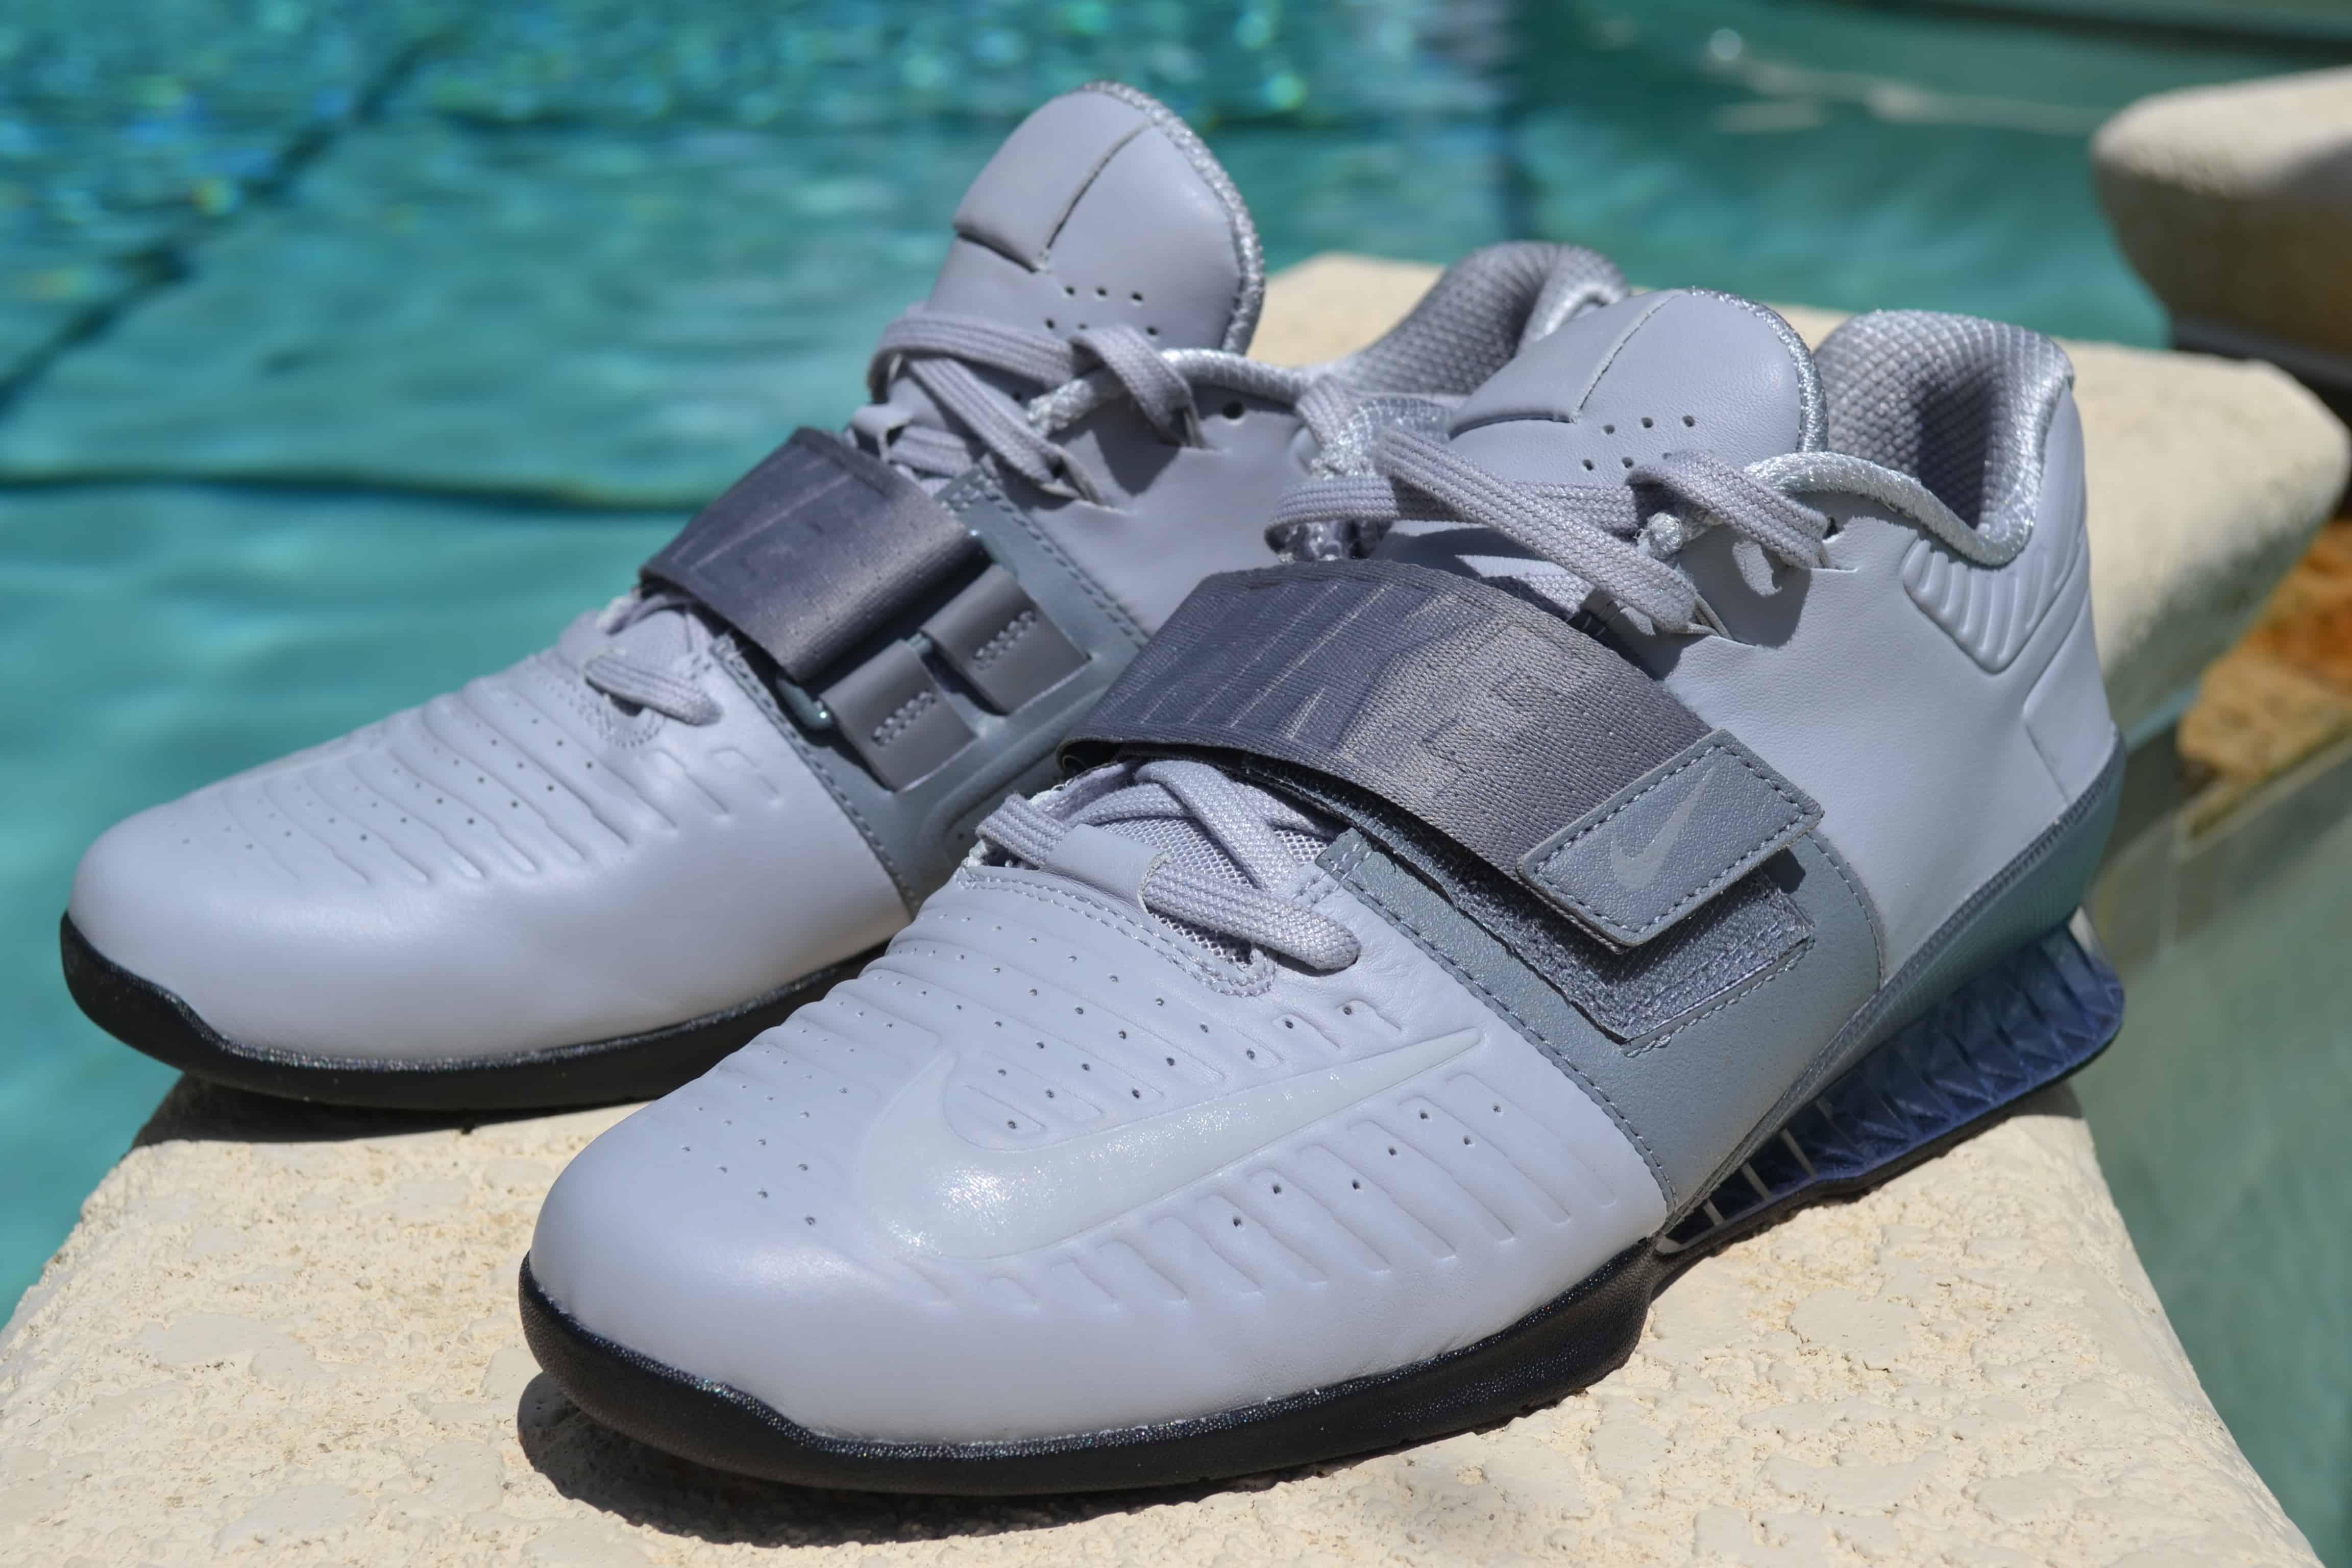 Nike Romaleos 3 XD Shoe Review